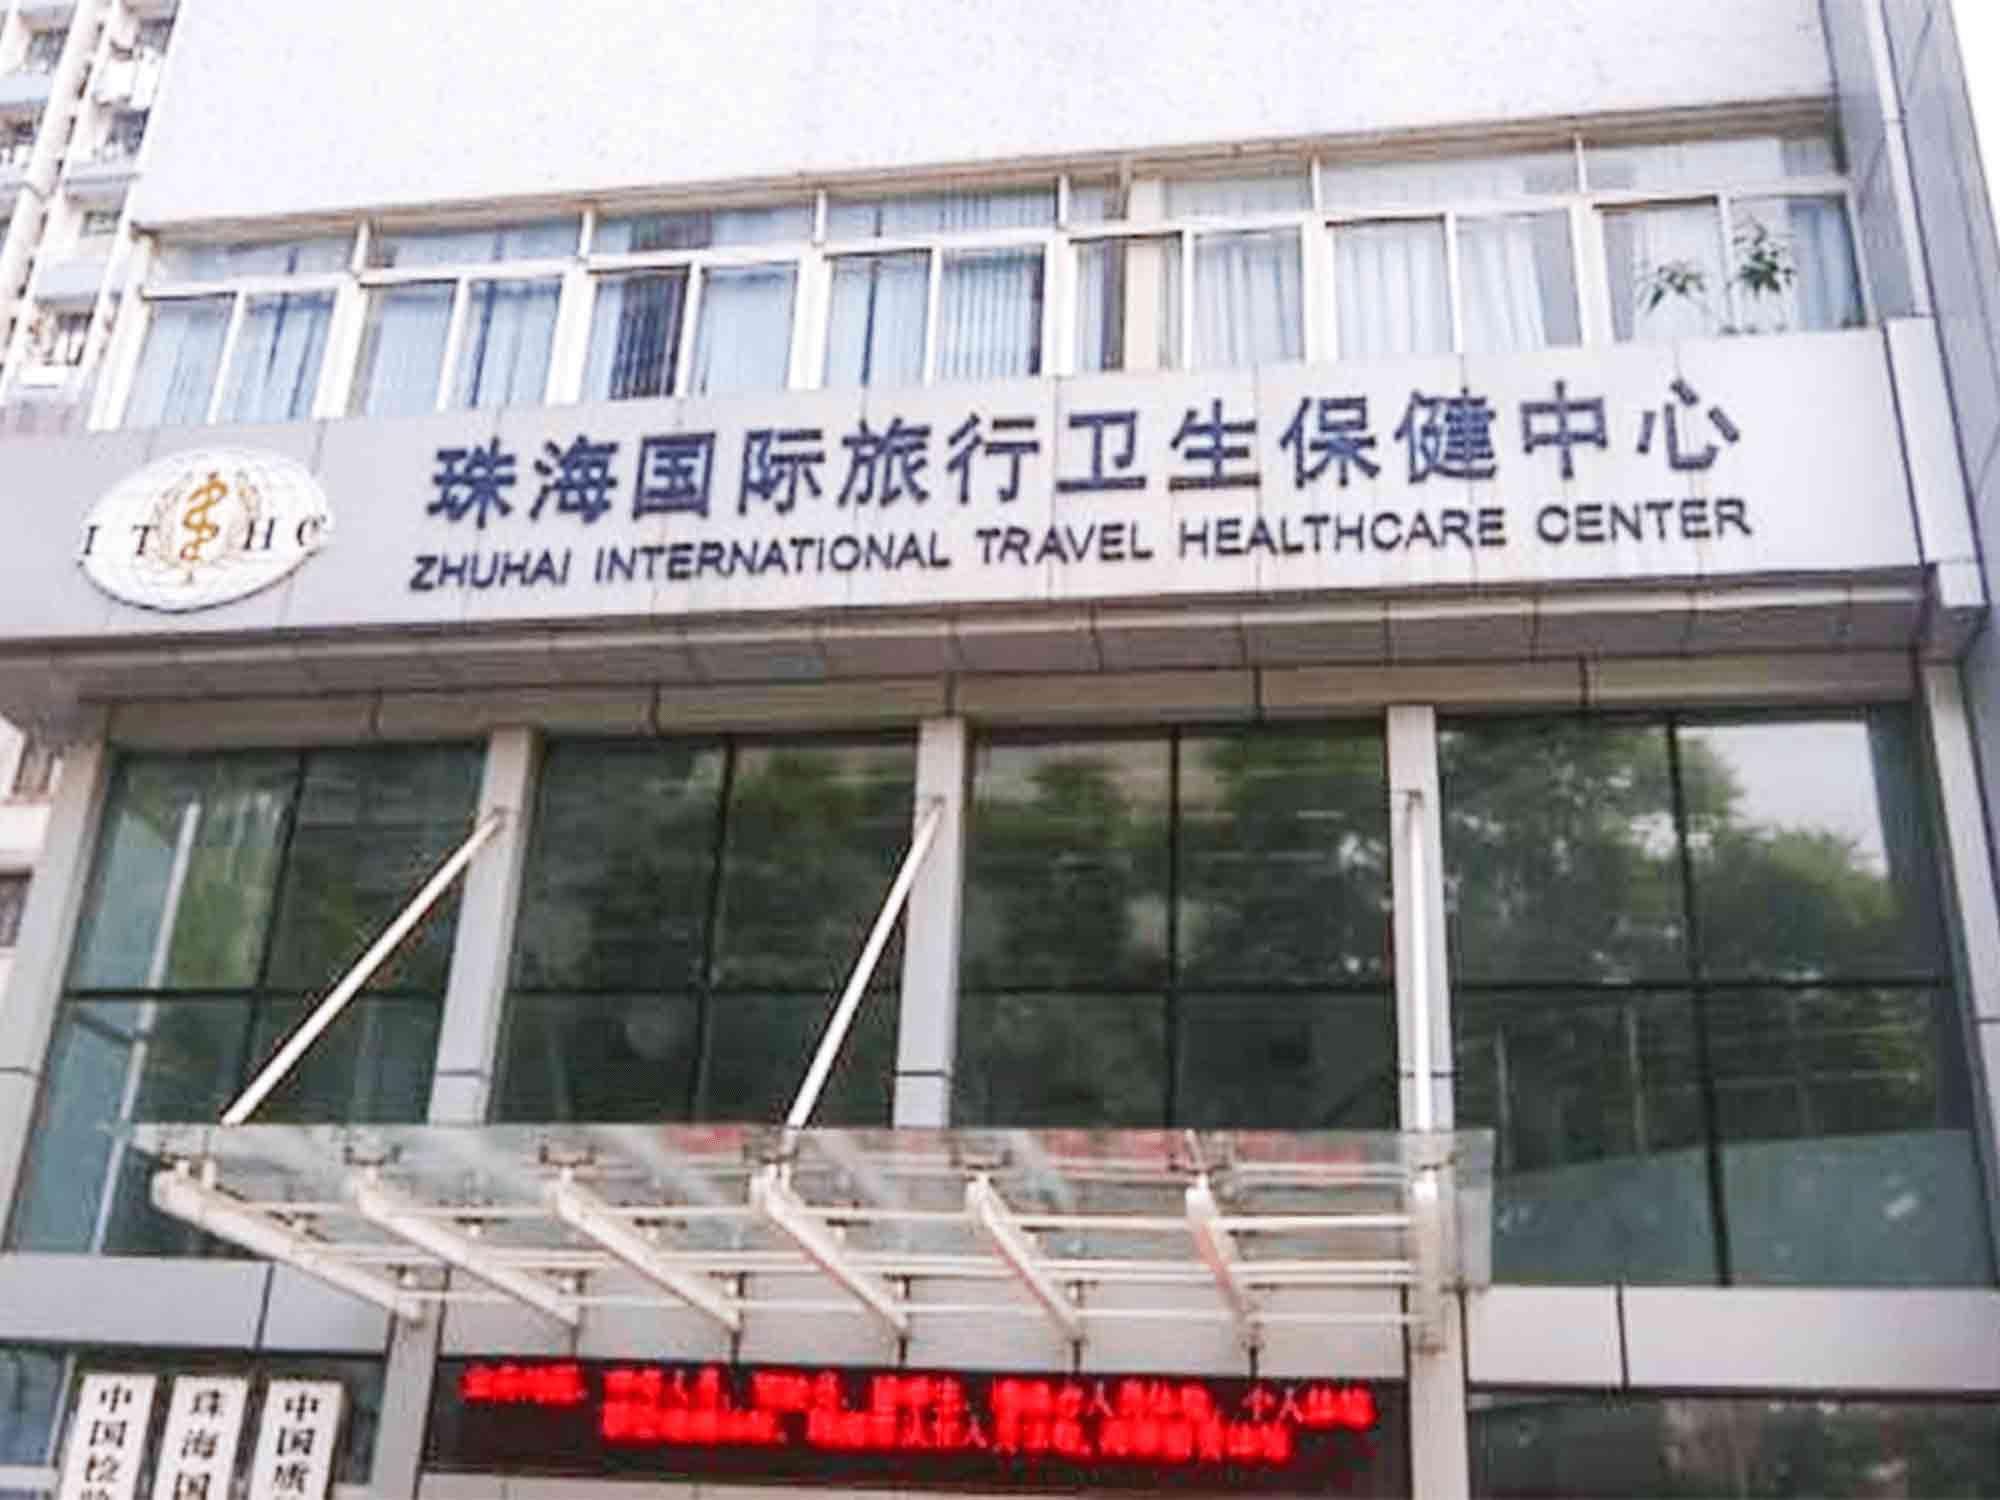 珠海国际旅行卫生保健中心(拱北海关口岸门诊部)